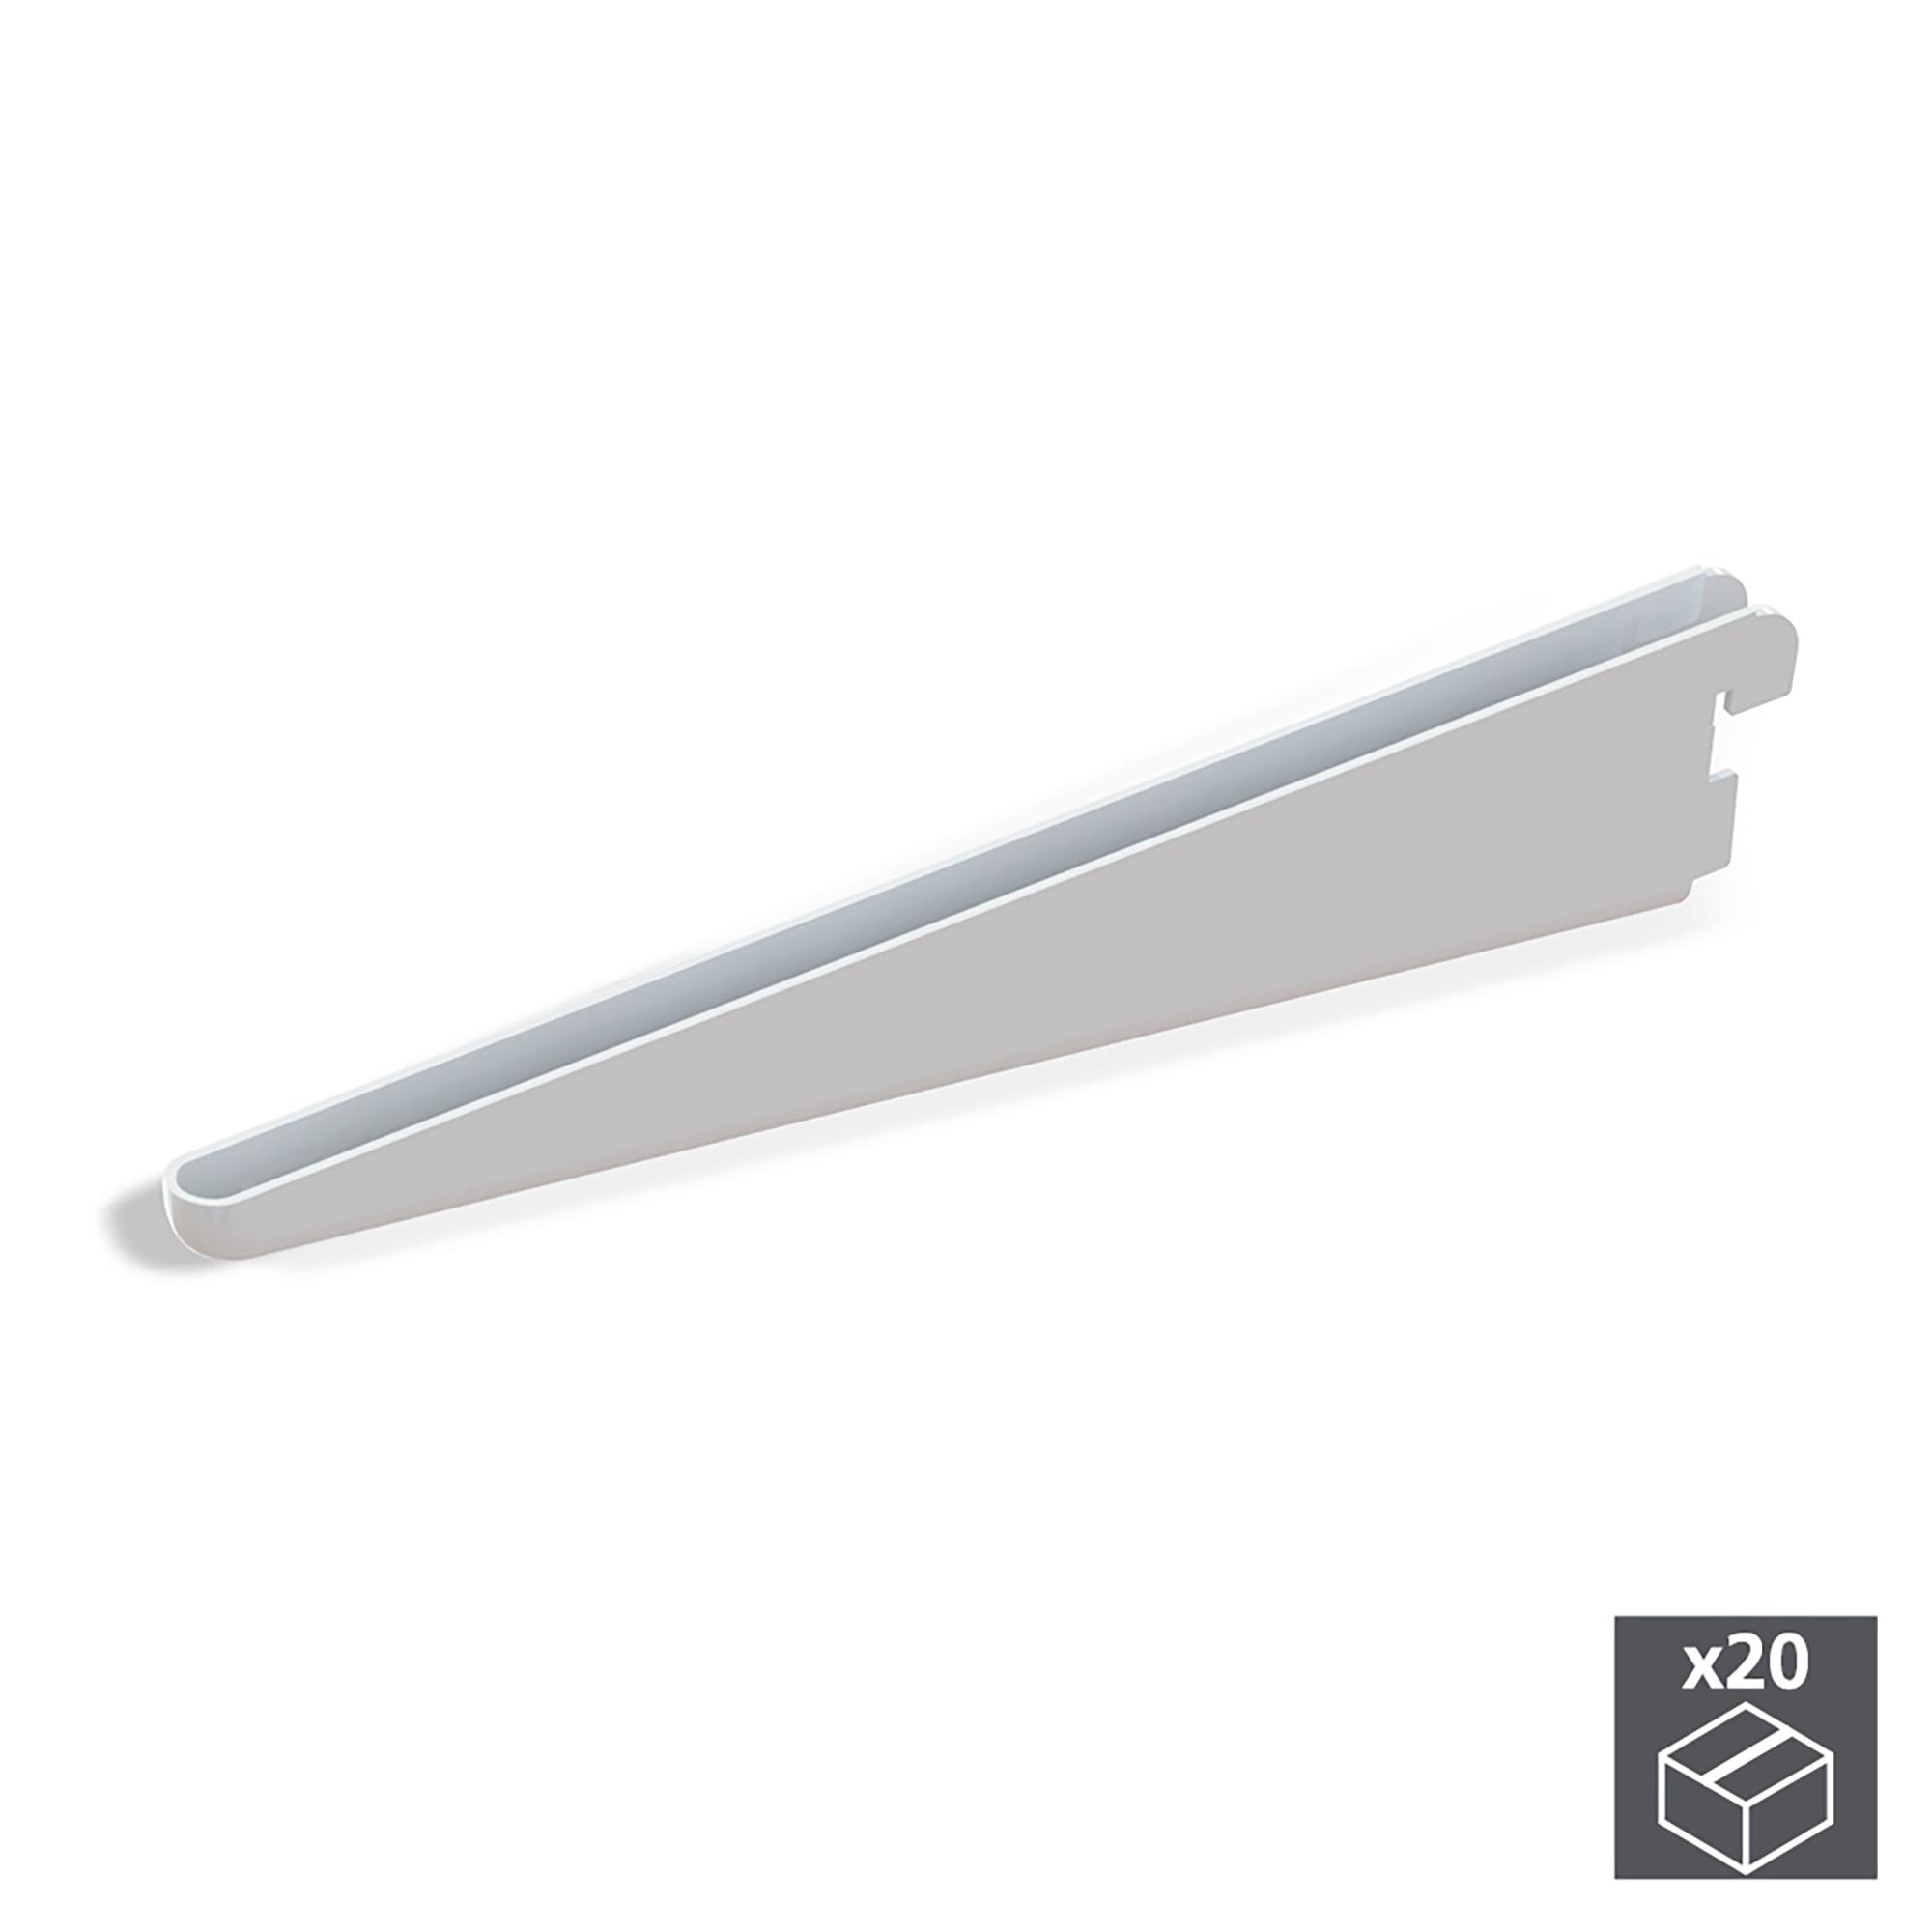 Emuca Supporto per ripiani di legno/vetro, profilo a passo 32 mm, 320 mm, Acciaio, Bianco, 20 u.